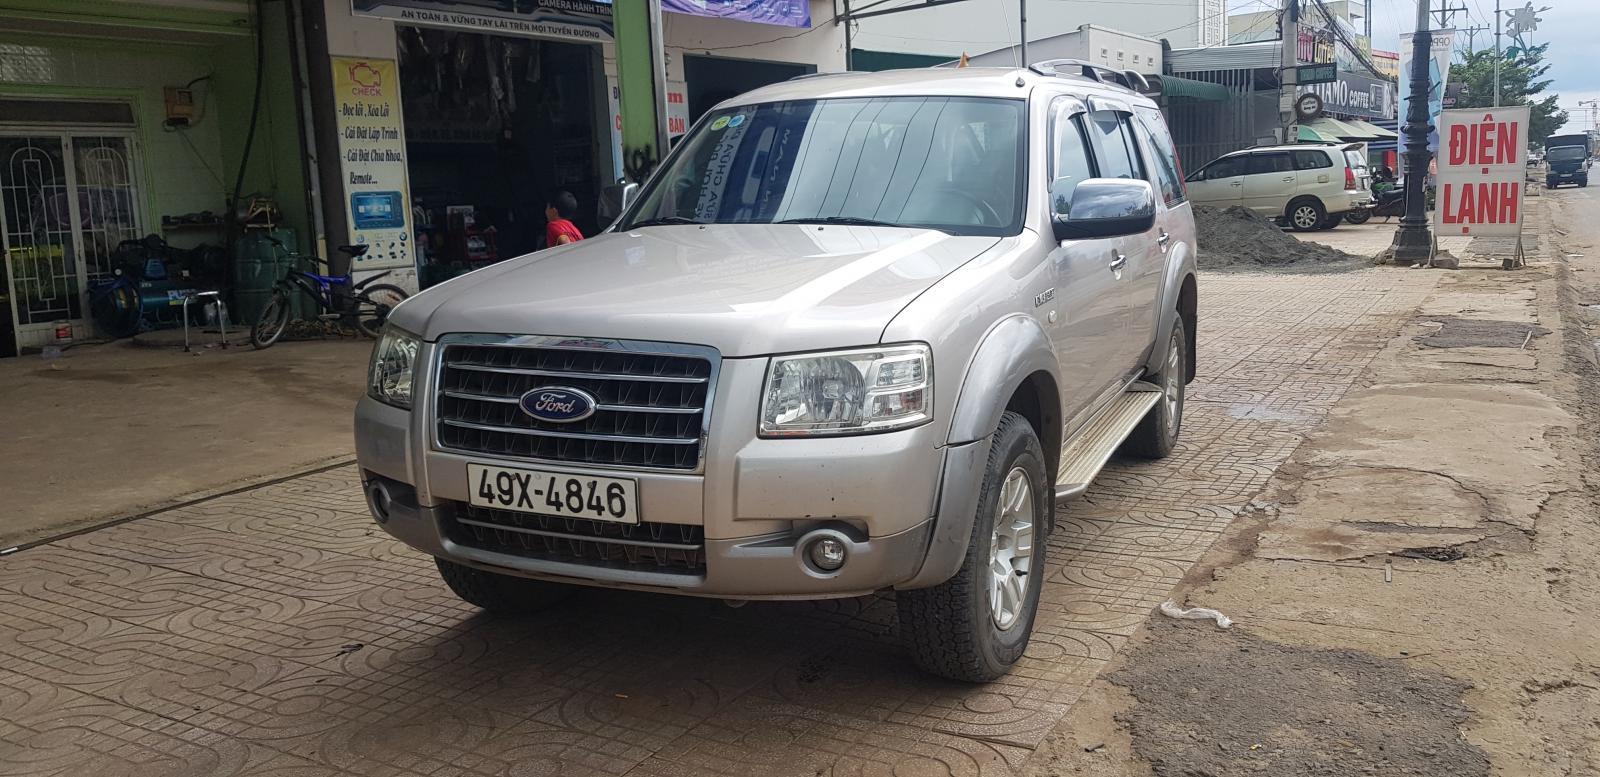 Cần bán xe Ford Everest đời 2009, màu bạc mới 95% giá tốt 383 triệu đồng